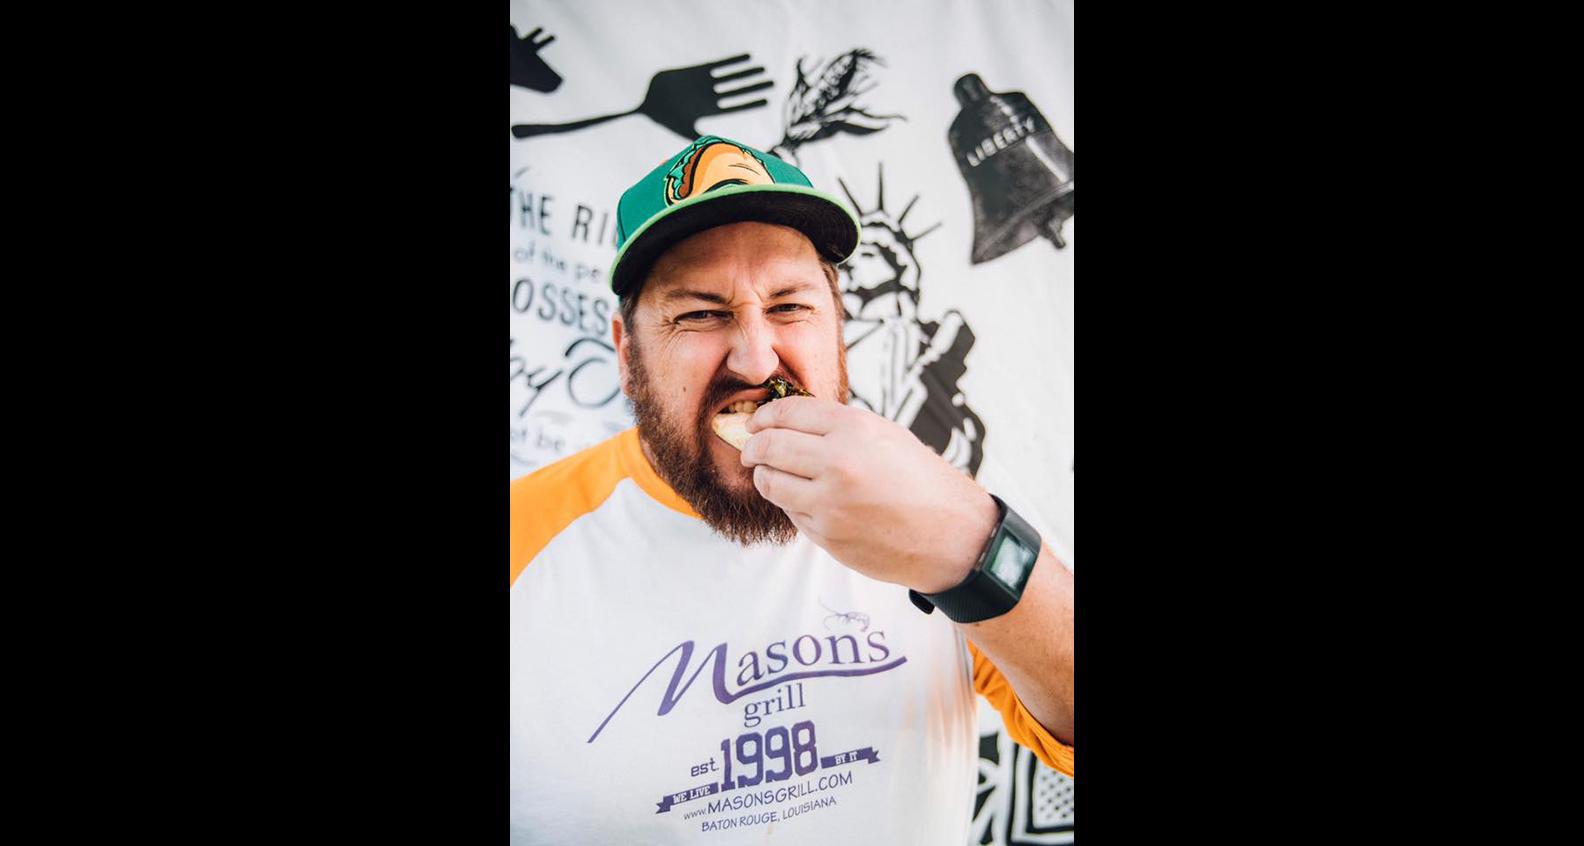 Chef Jay Ducote